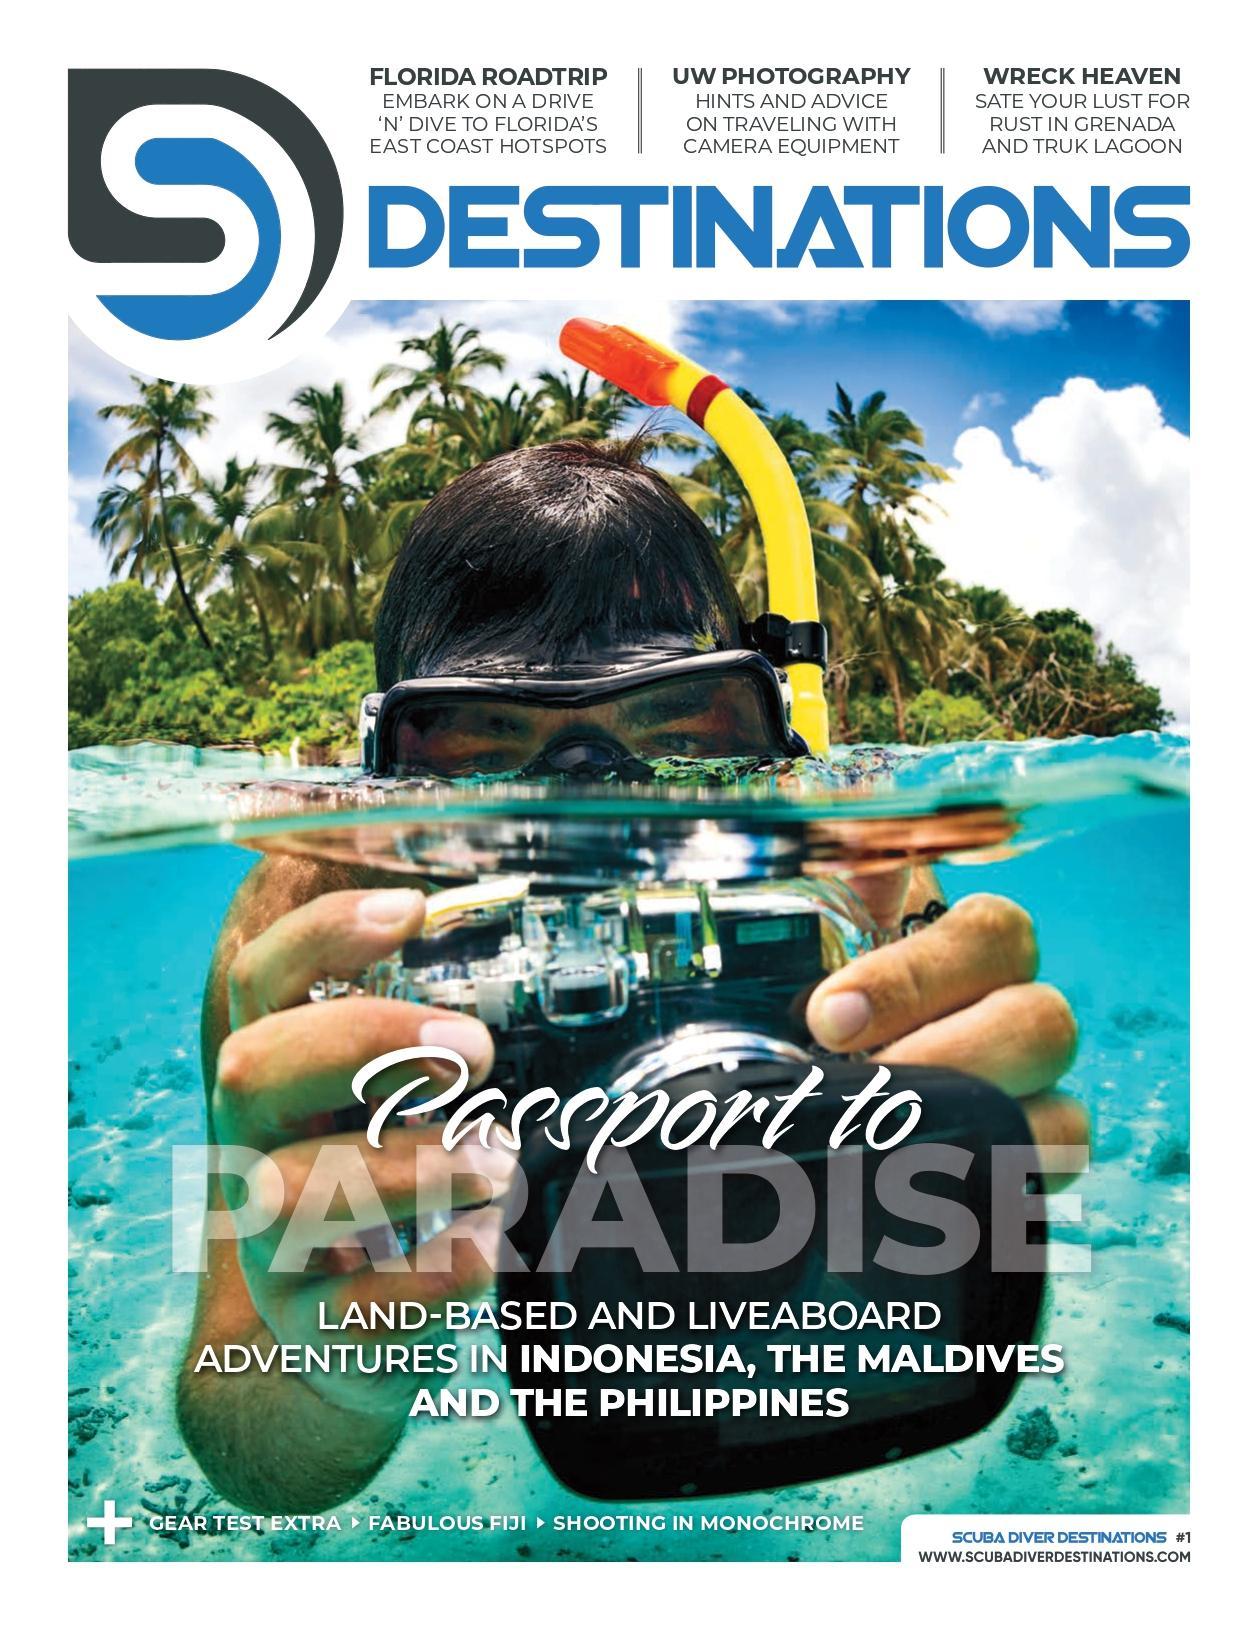 Scuba Diver Destinations